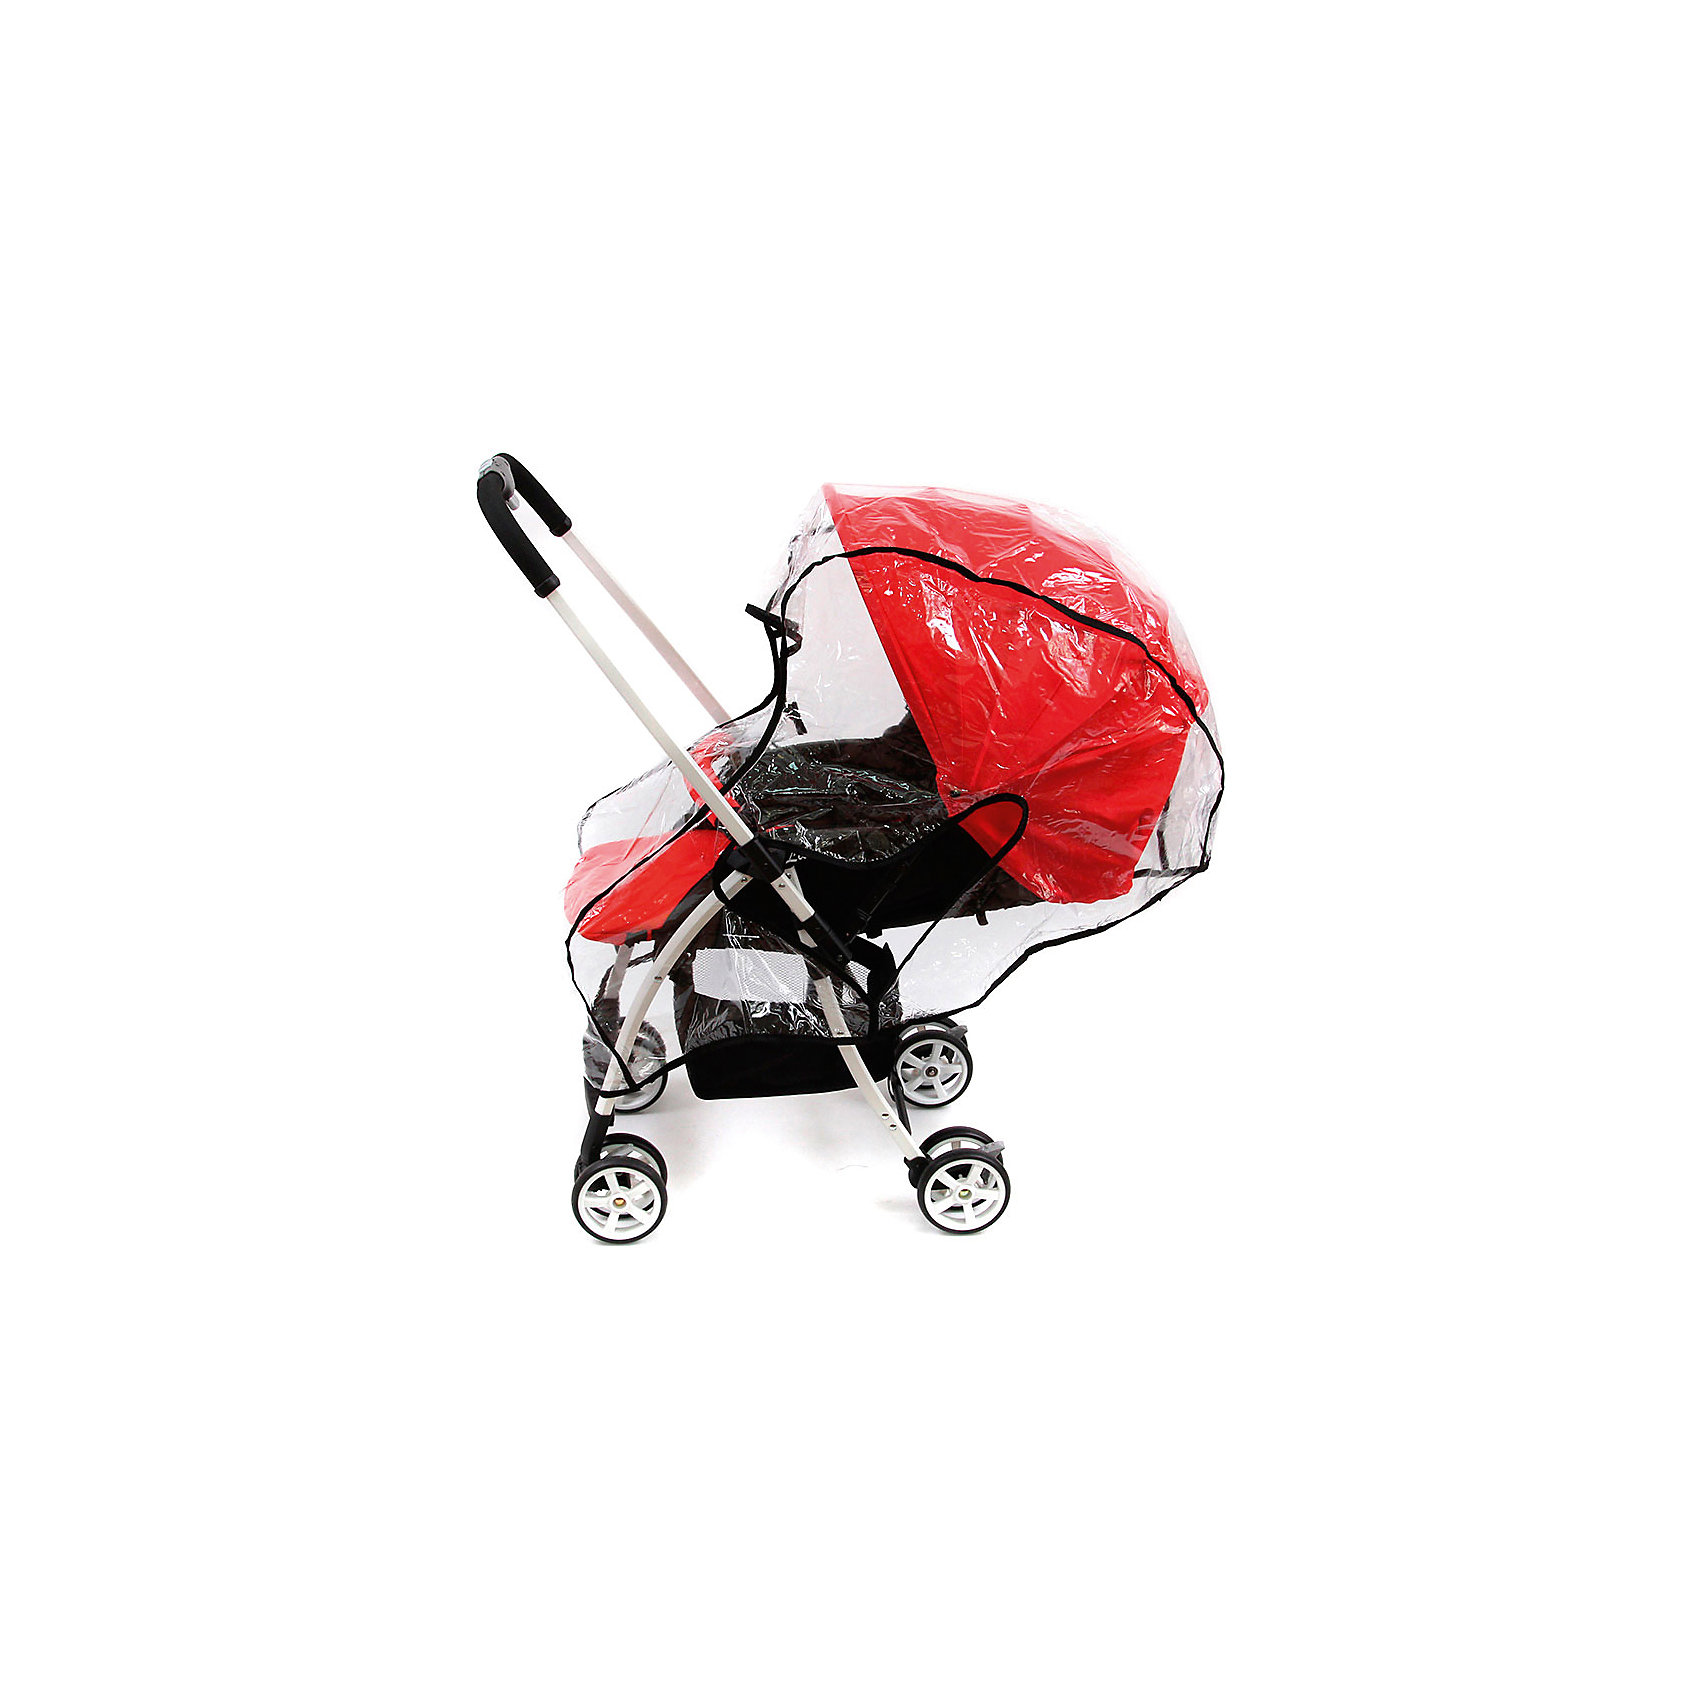 Дождевик для прогулочной коляски ручка перекидная ПВХ, BambolaПрозрачный дождевик позволит гулять с ребенком, не беспокоясь при этом, что он промокнет под дождем.  Он стильно выглядит и подходит для моделей прогулочных колясок с перекидной ручкой.<br>Дождевик легко одеть и снять, он надежно защищает ребенка от пыли, дождя и снега. Обеспечивает хорошую видимость, небольшое окошко при необходимости можно открыть. Изделие произведено из качественных и безопасных для малышей материалов, оно соответствуют всем современным требованиям безопасности.<br> <br>Дополнительная информация:<br><br>цвет: прозрачный;<br>материал: пленка ПВХ;<br>быстро устанавливается;<br>небольшое окошко открывается.<br><br>Дождевик для прогулочной коляски ручка перекидная  ПВХ от компании Bambola можно купить в нашем магазине.<br><br>Ширина мм: 300<br>Глубина мм: 300<br>Высота мм: 300<br>Вес г: 150<br>Возраст от месяцев: 0<br>Возраст до месяцев: 36<br>Пол: Унисекс<br>Возраст: Детский<br>SKU: 4720045